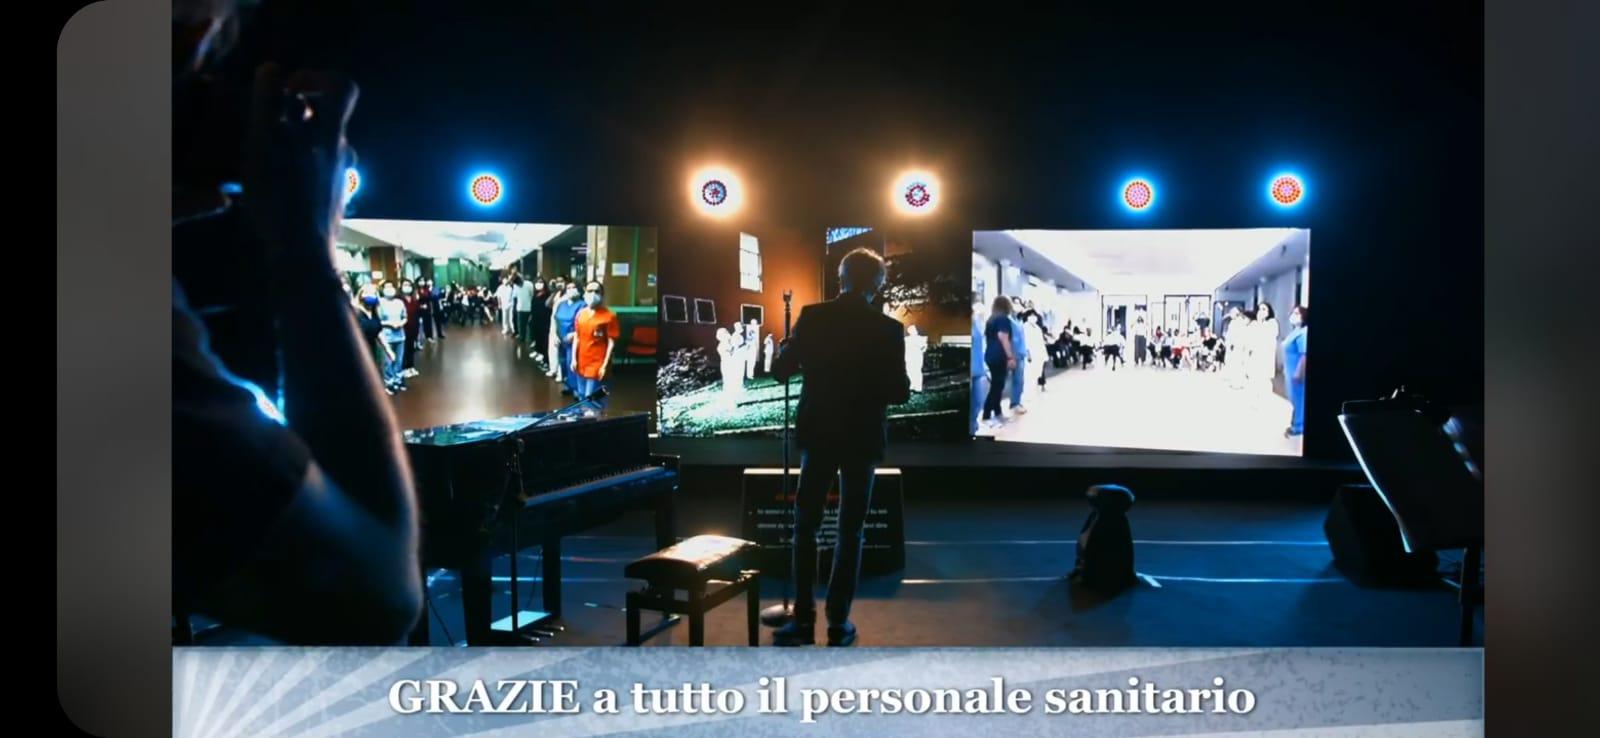 Dal Sant'Orsola di Bologna gli Stadio in concerto: e all'Umberto I di Siracusa lo staff anti covid fa festa (GUARDA LE FOTO)